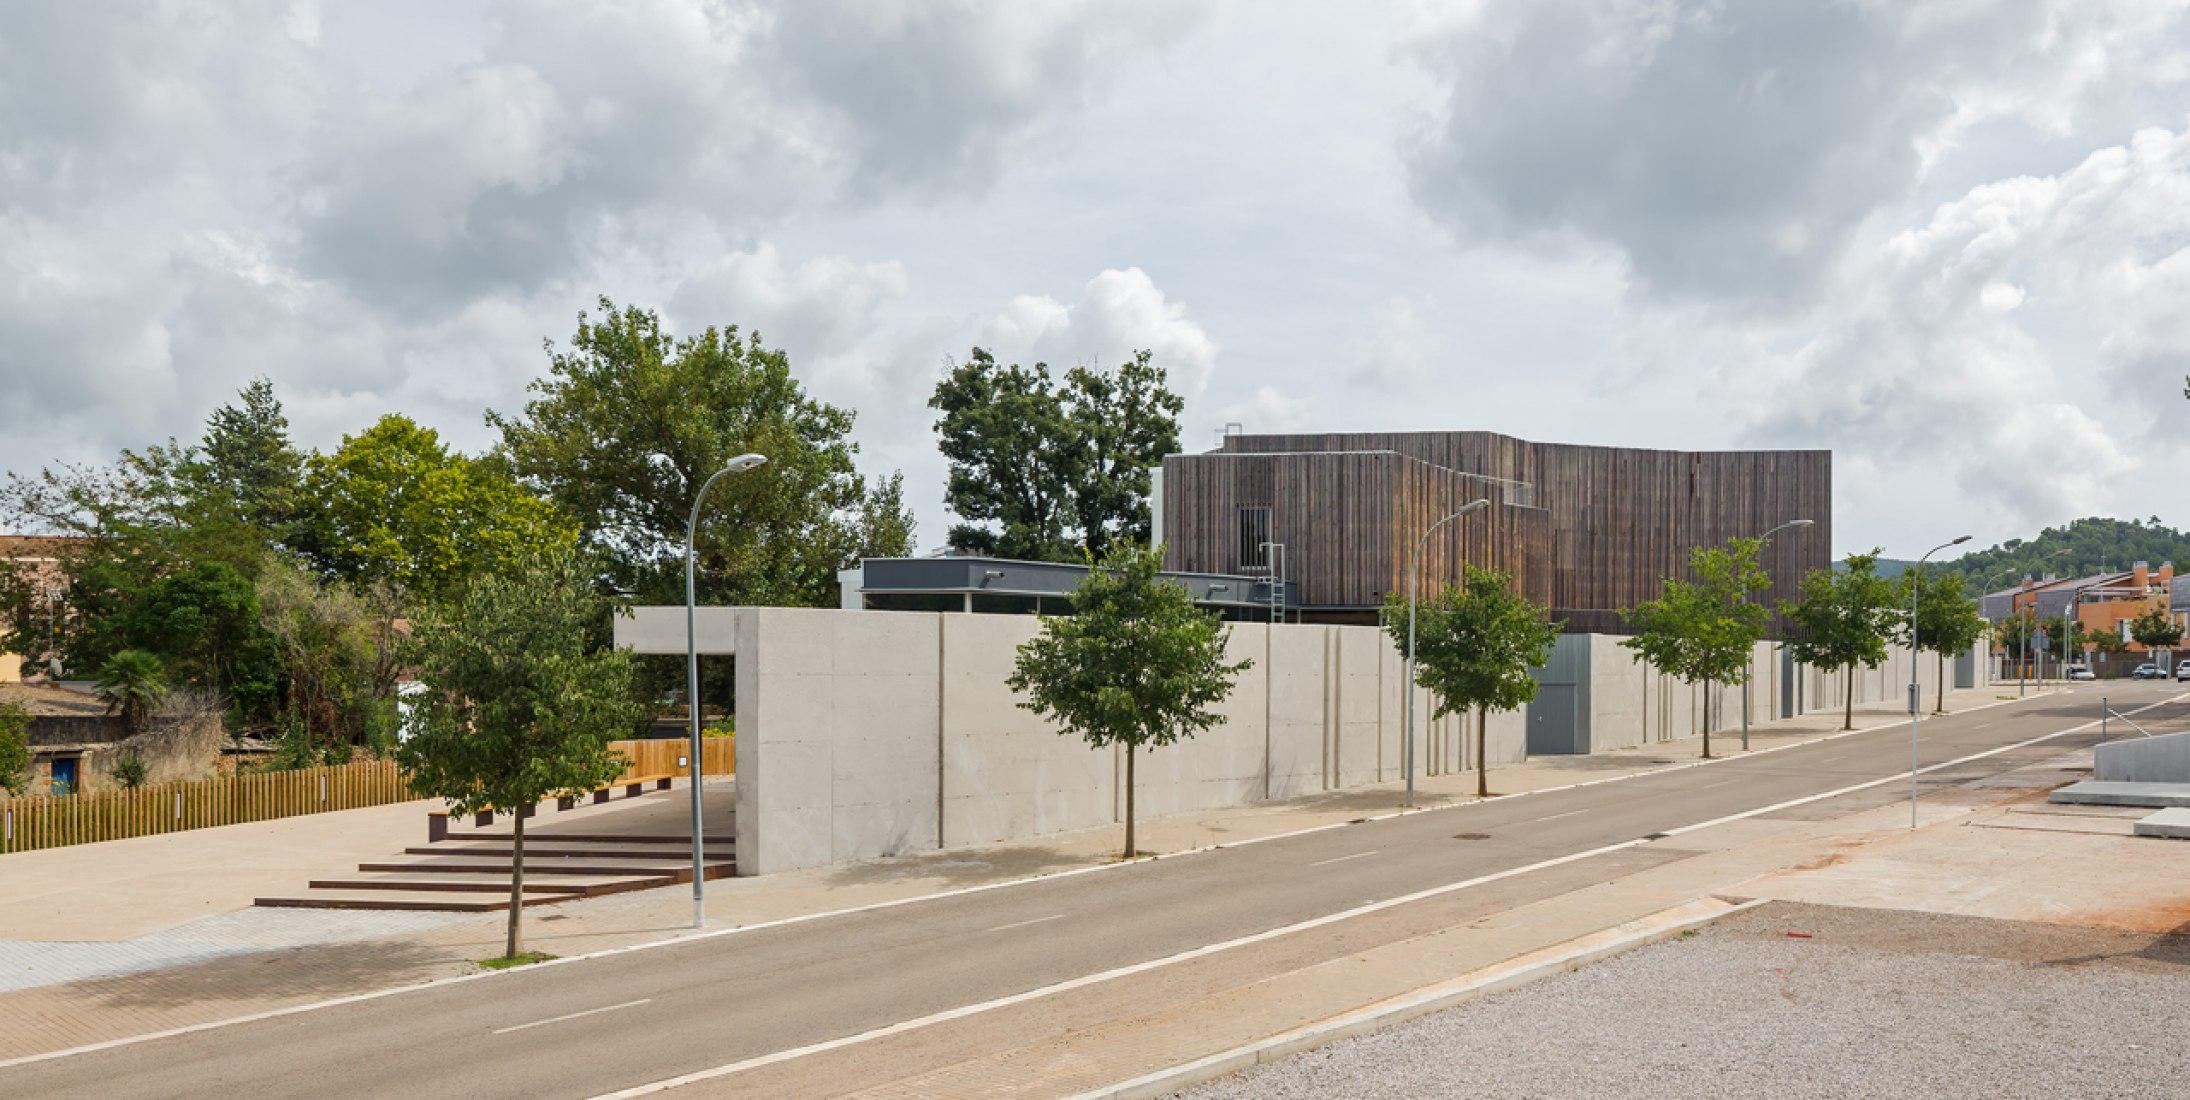 Vista exterior. Centro social 'El Roure' y biblioteca 'La Ginesta' por Calderon-Folch-Sarsanedas Arquitectes. Fotografía © Pol Viladoms.